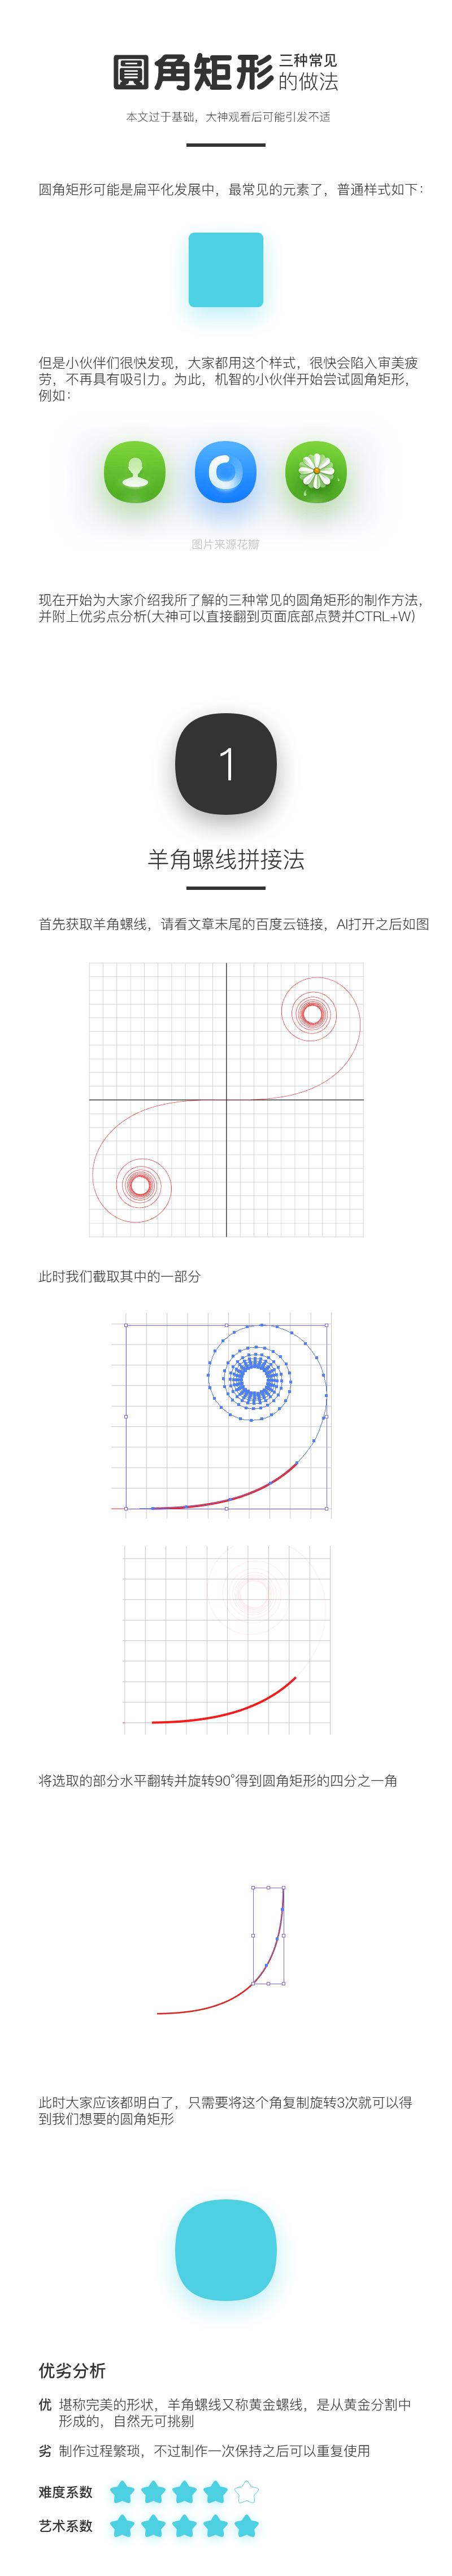 如何快速制作圆角矩形?解析三种常见的方法与区别 ps教程  ruanjian jiaocheng